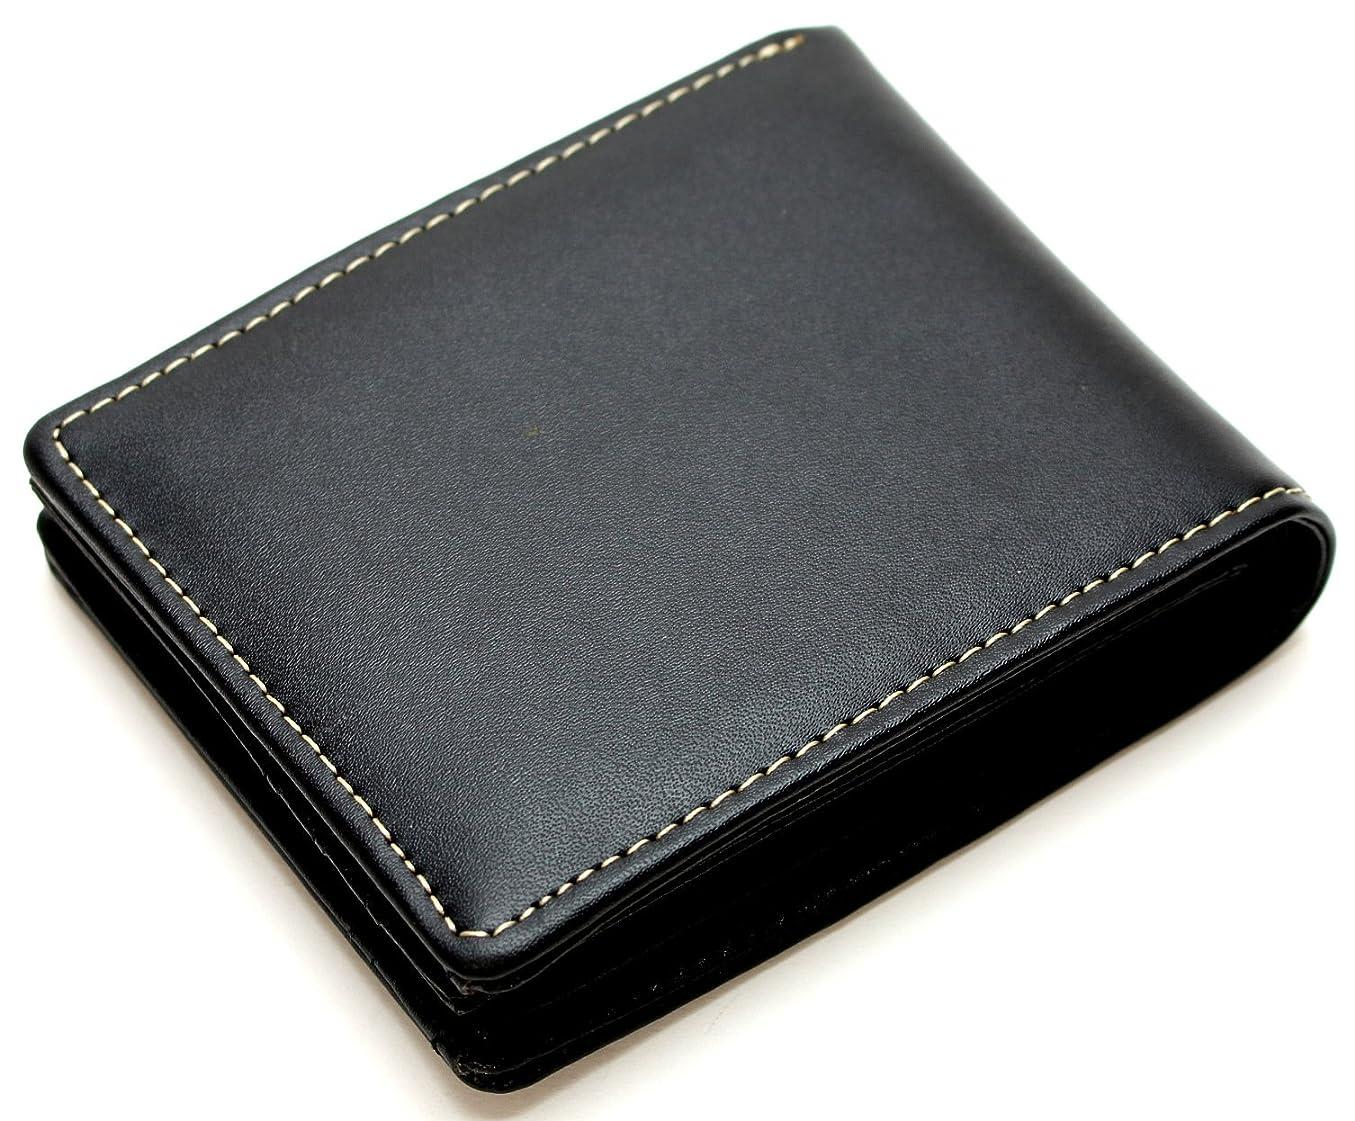 消去自体一掃する[メンズ カンパニー]Men's company 「 ステッチライン 牛革  ベラ付き 二つ折り財布 」 あると嬉しいカードホルダー付き 二つ折り財布 カード入れ 牛革 財布 札入れ